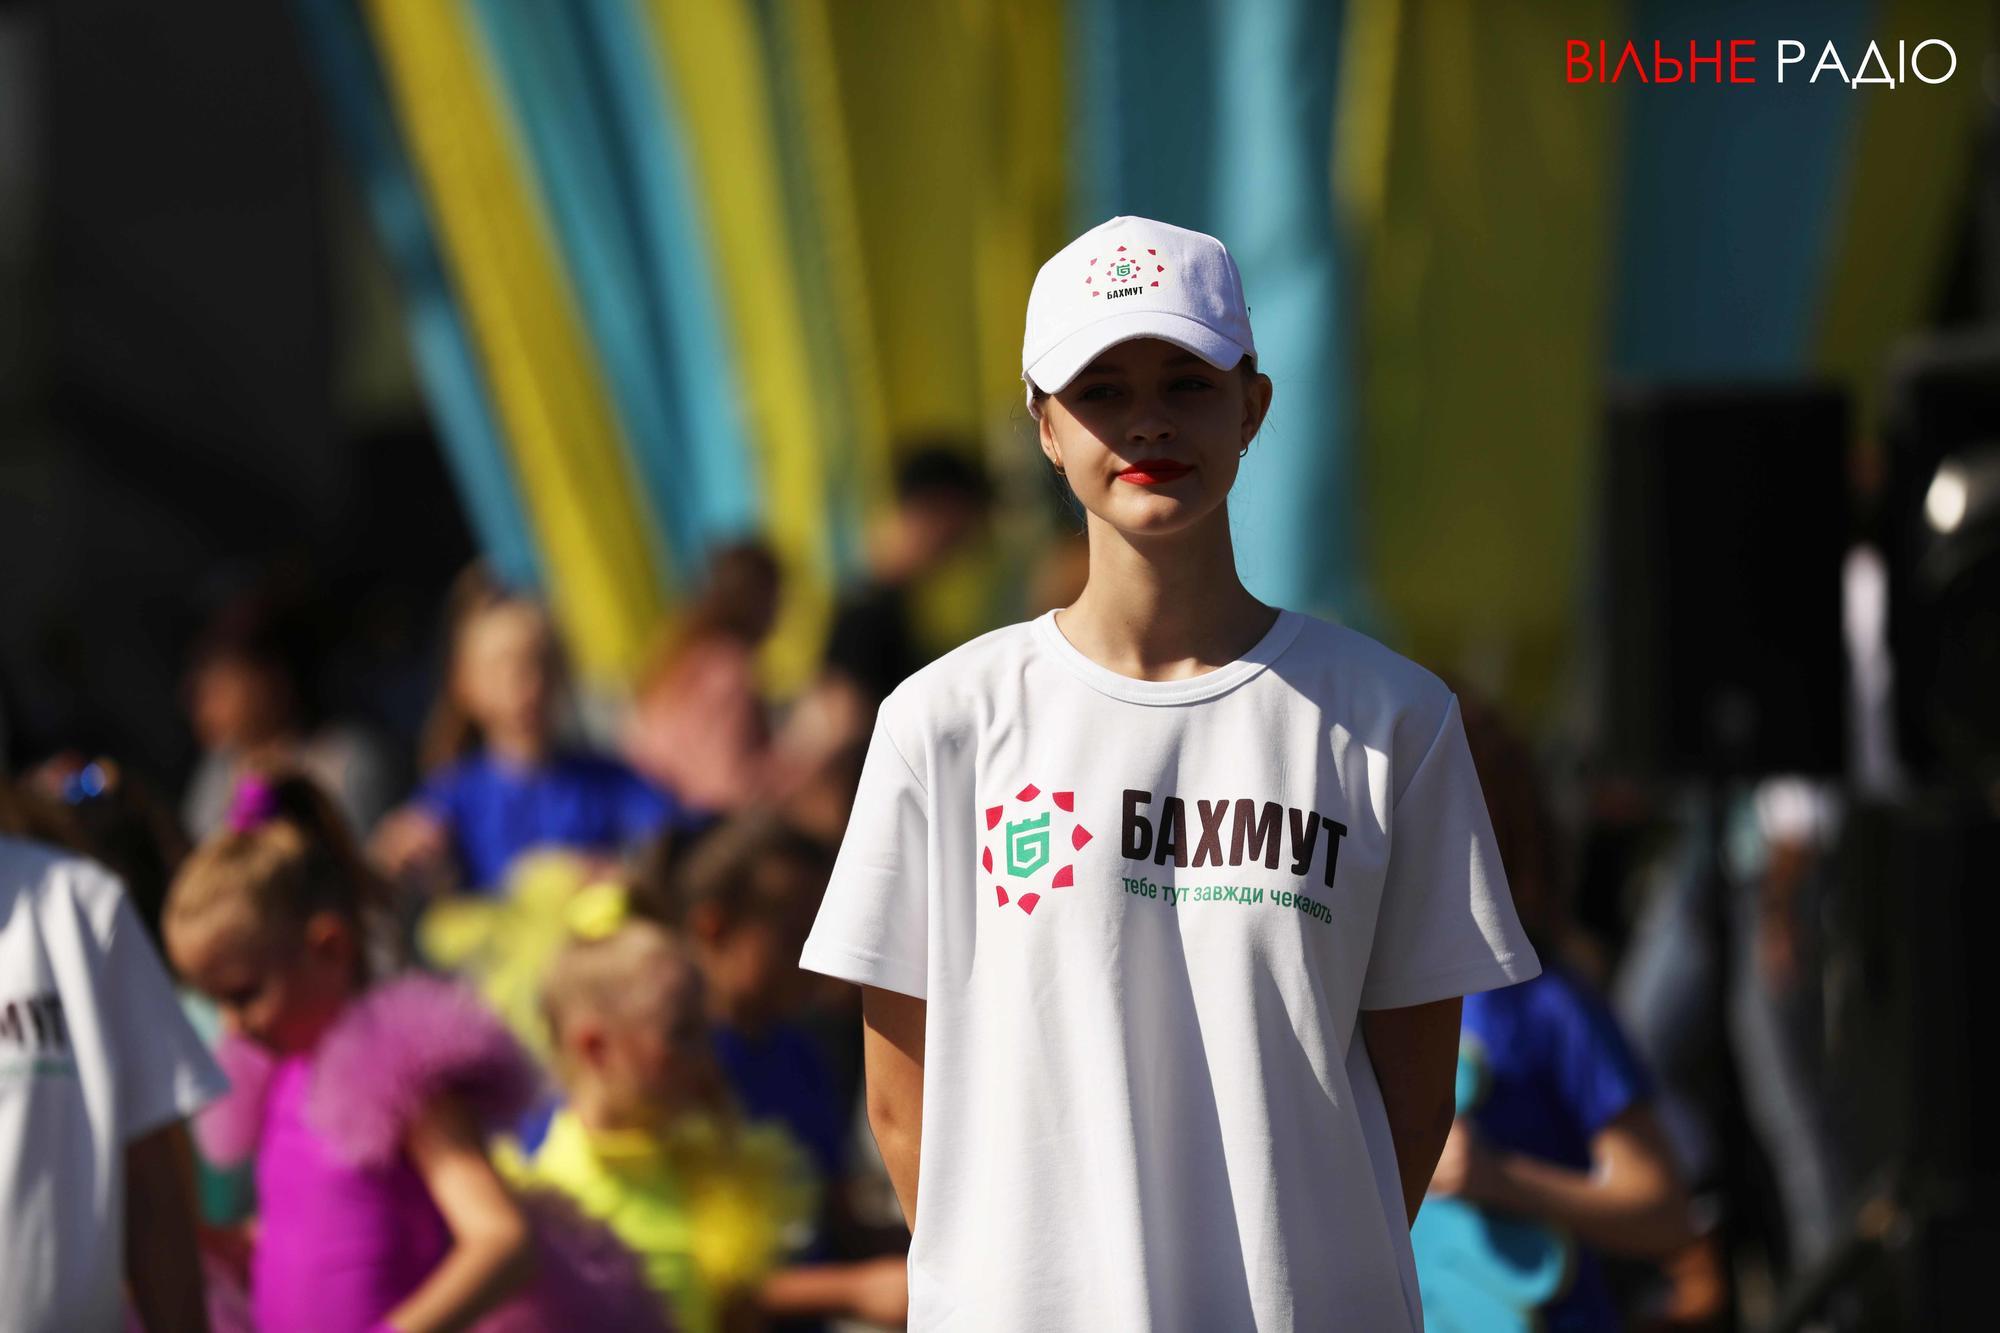 бахмутянка мешканка Бахмута у футболці з символом міста Бахмут